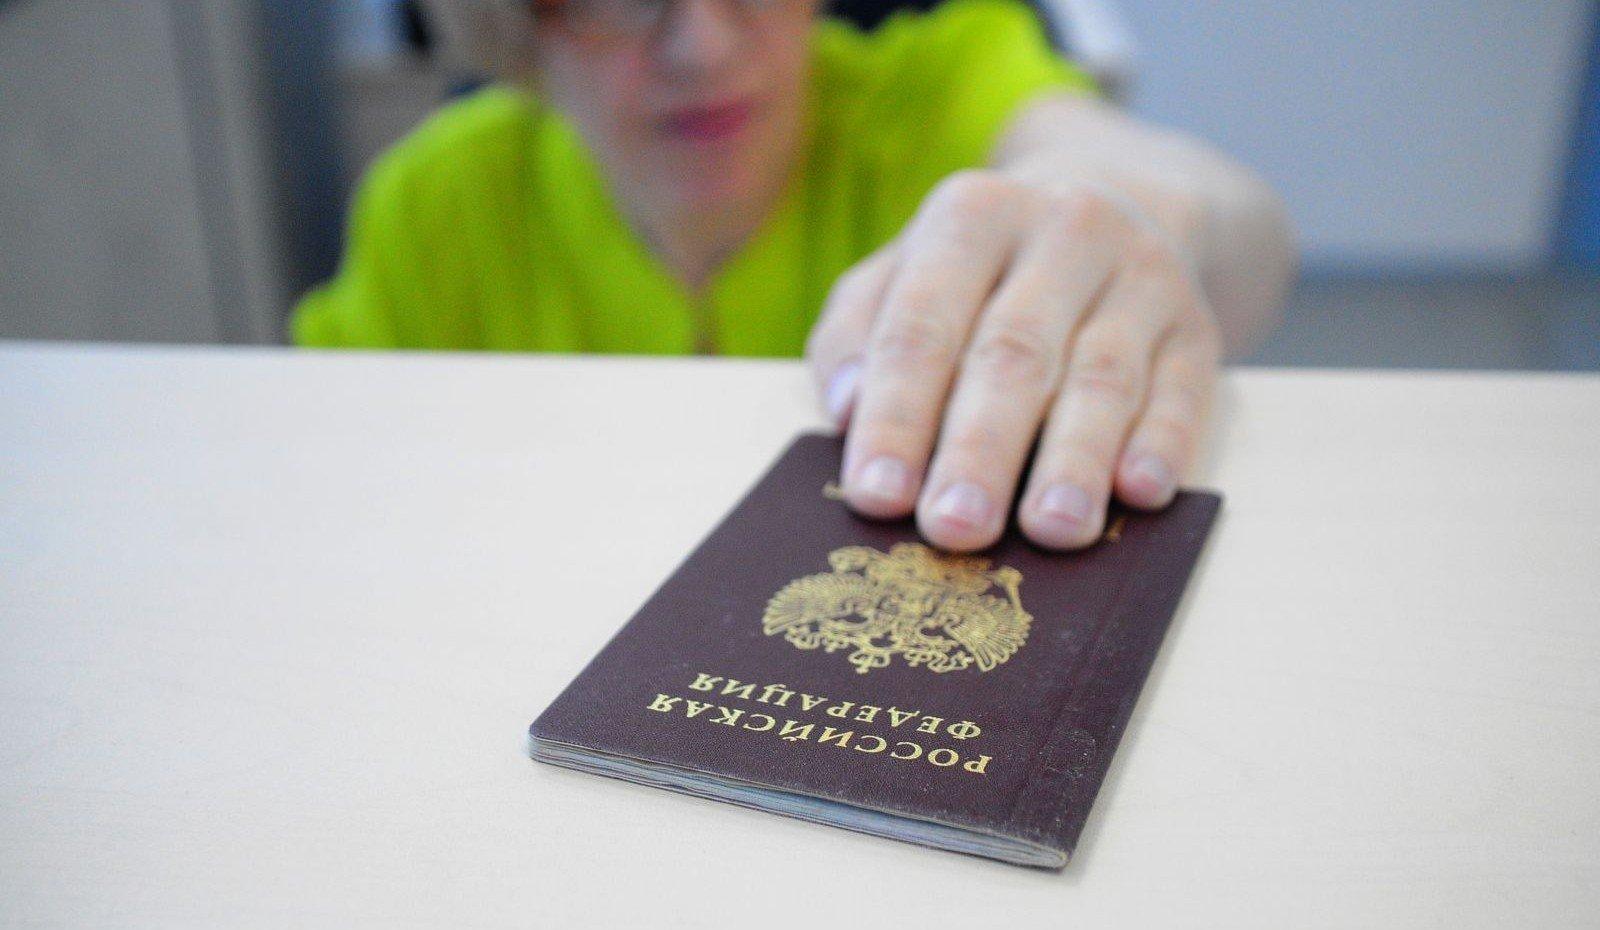 Продавцам хотят запретить требовать у клиентов паспортные данные без надобности